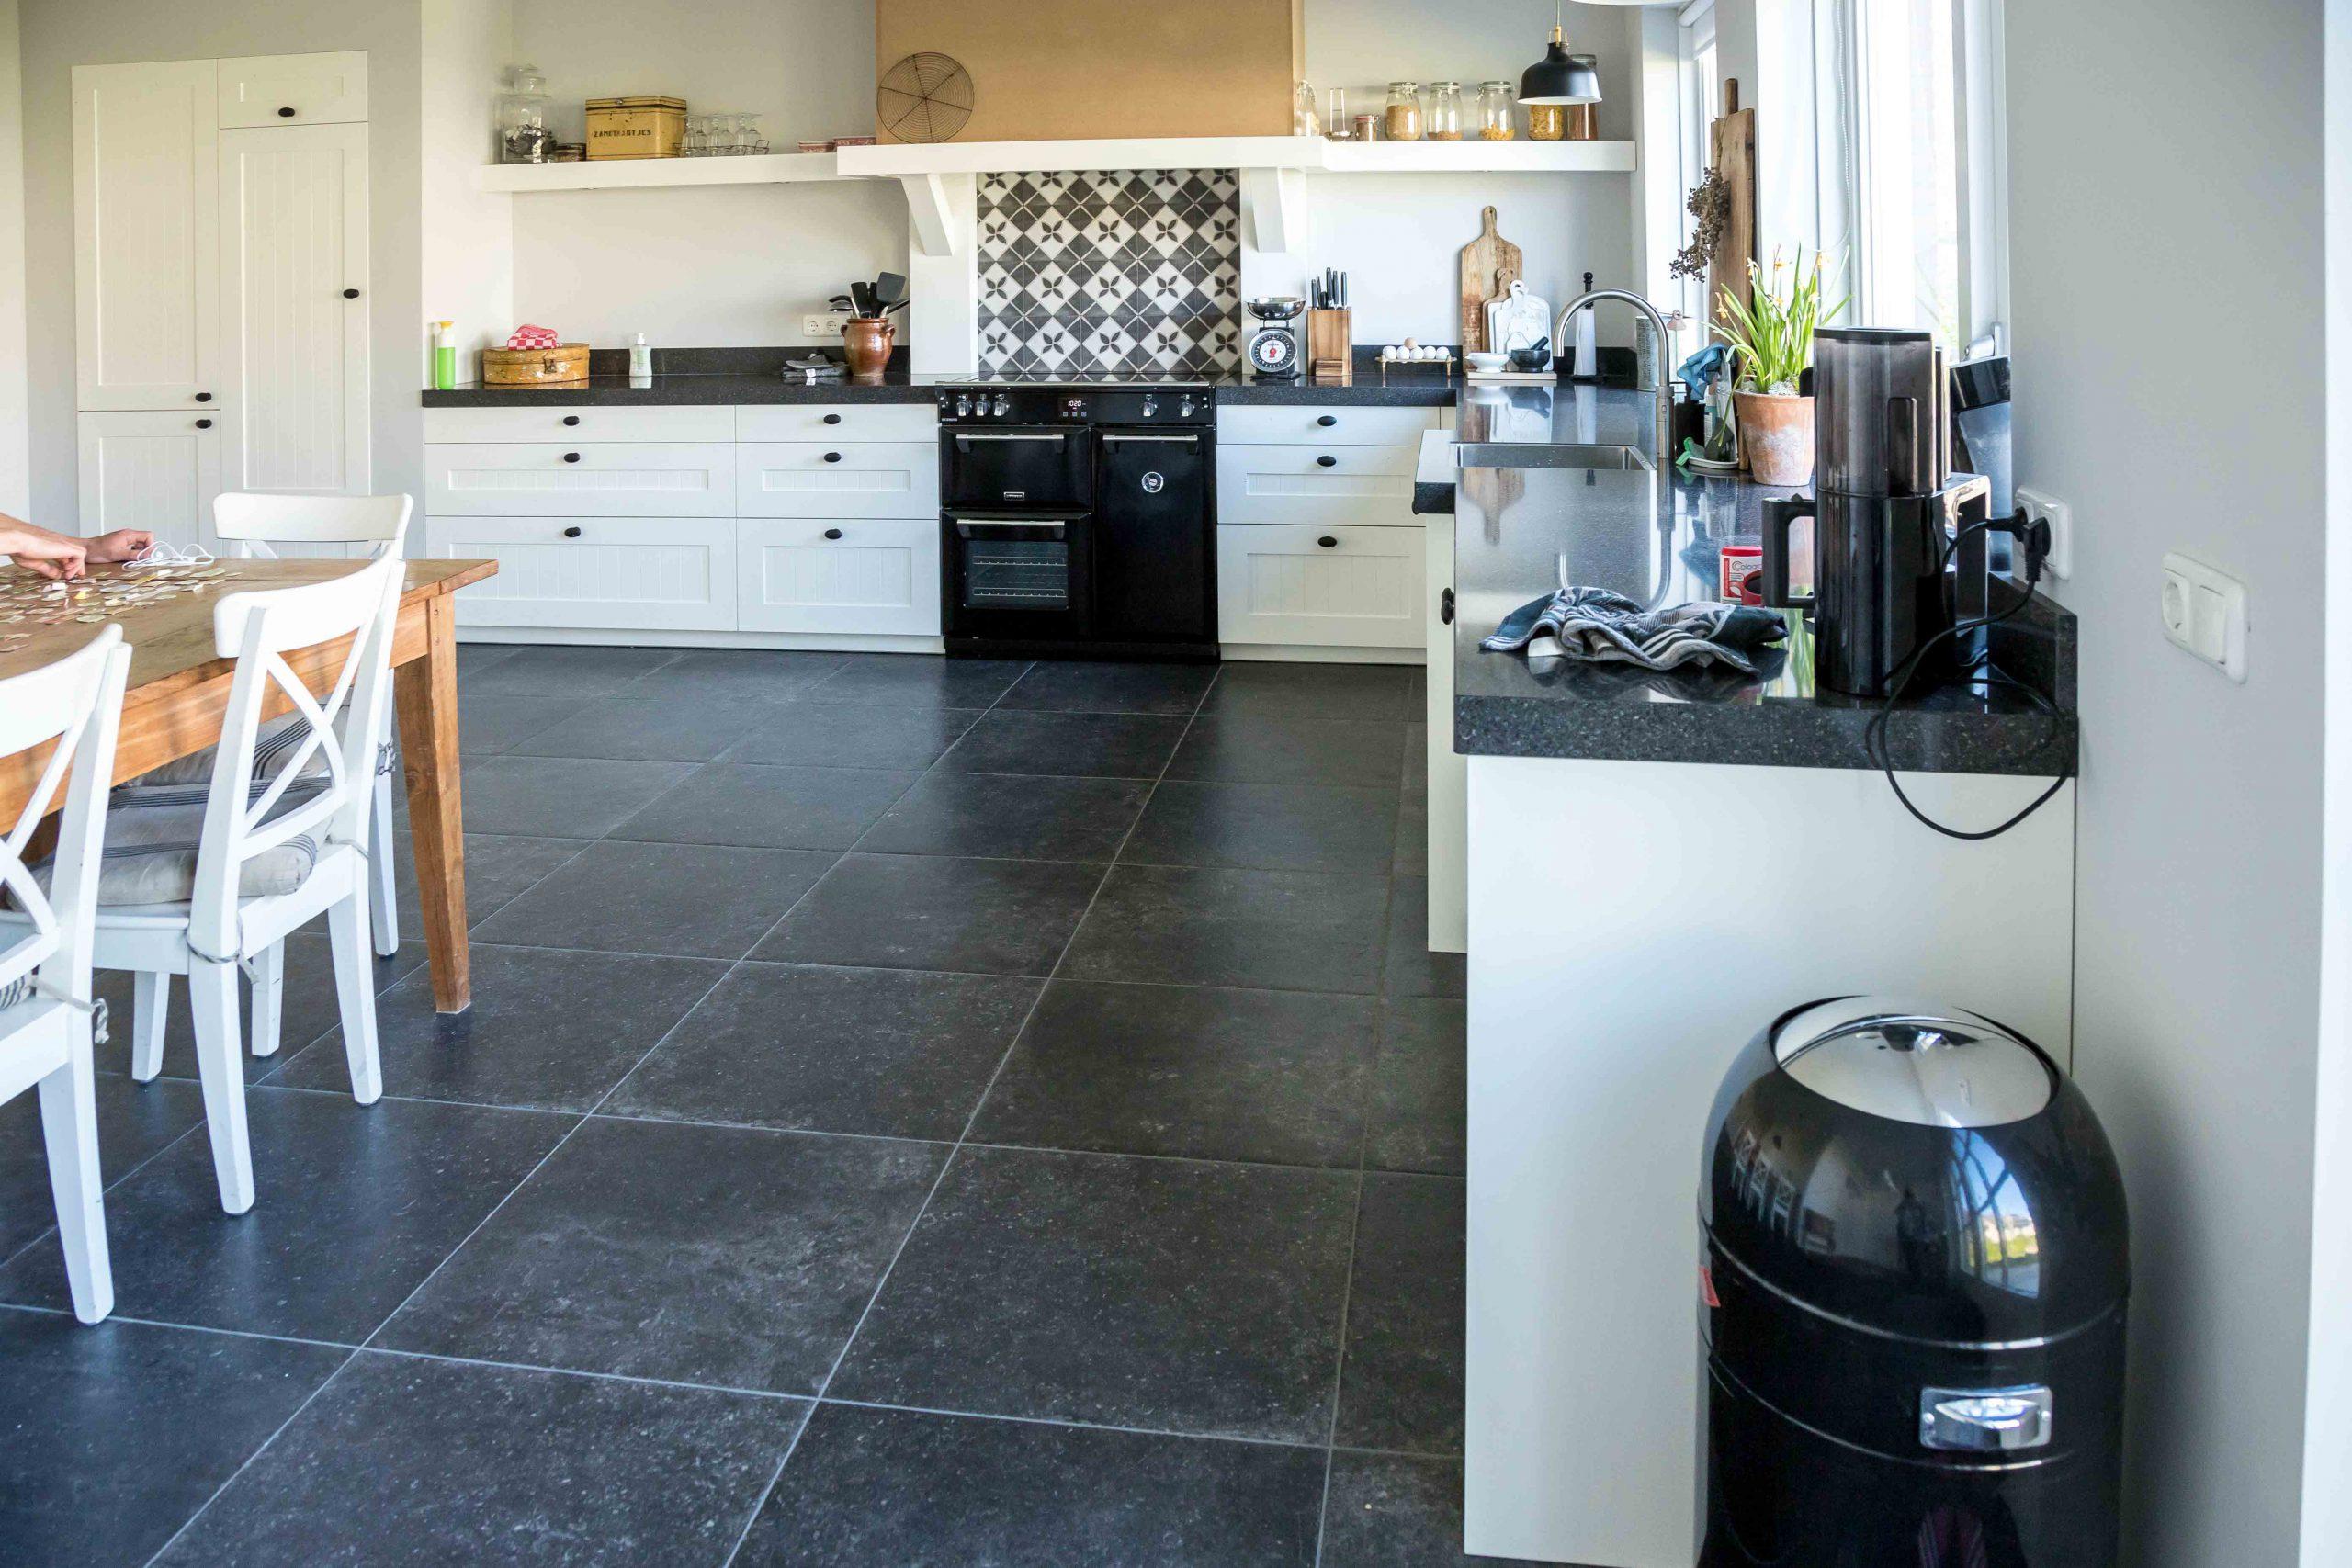 Prachtige woning met hardstenen keukenvloer en patroontegels in de hal